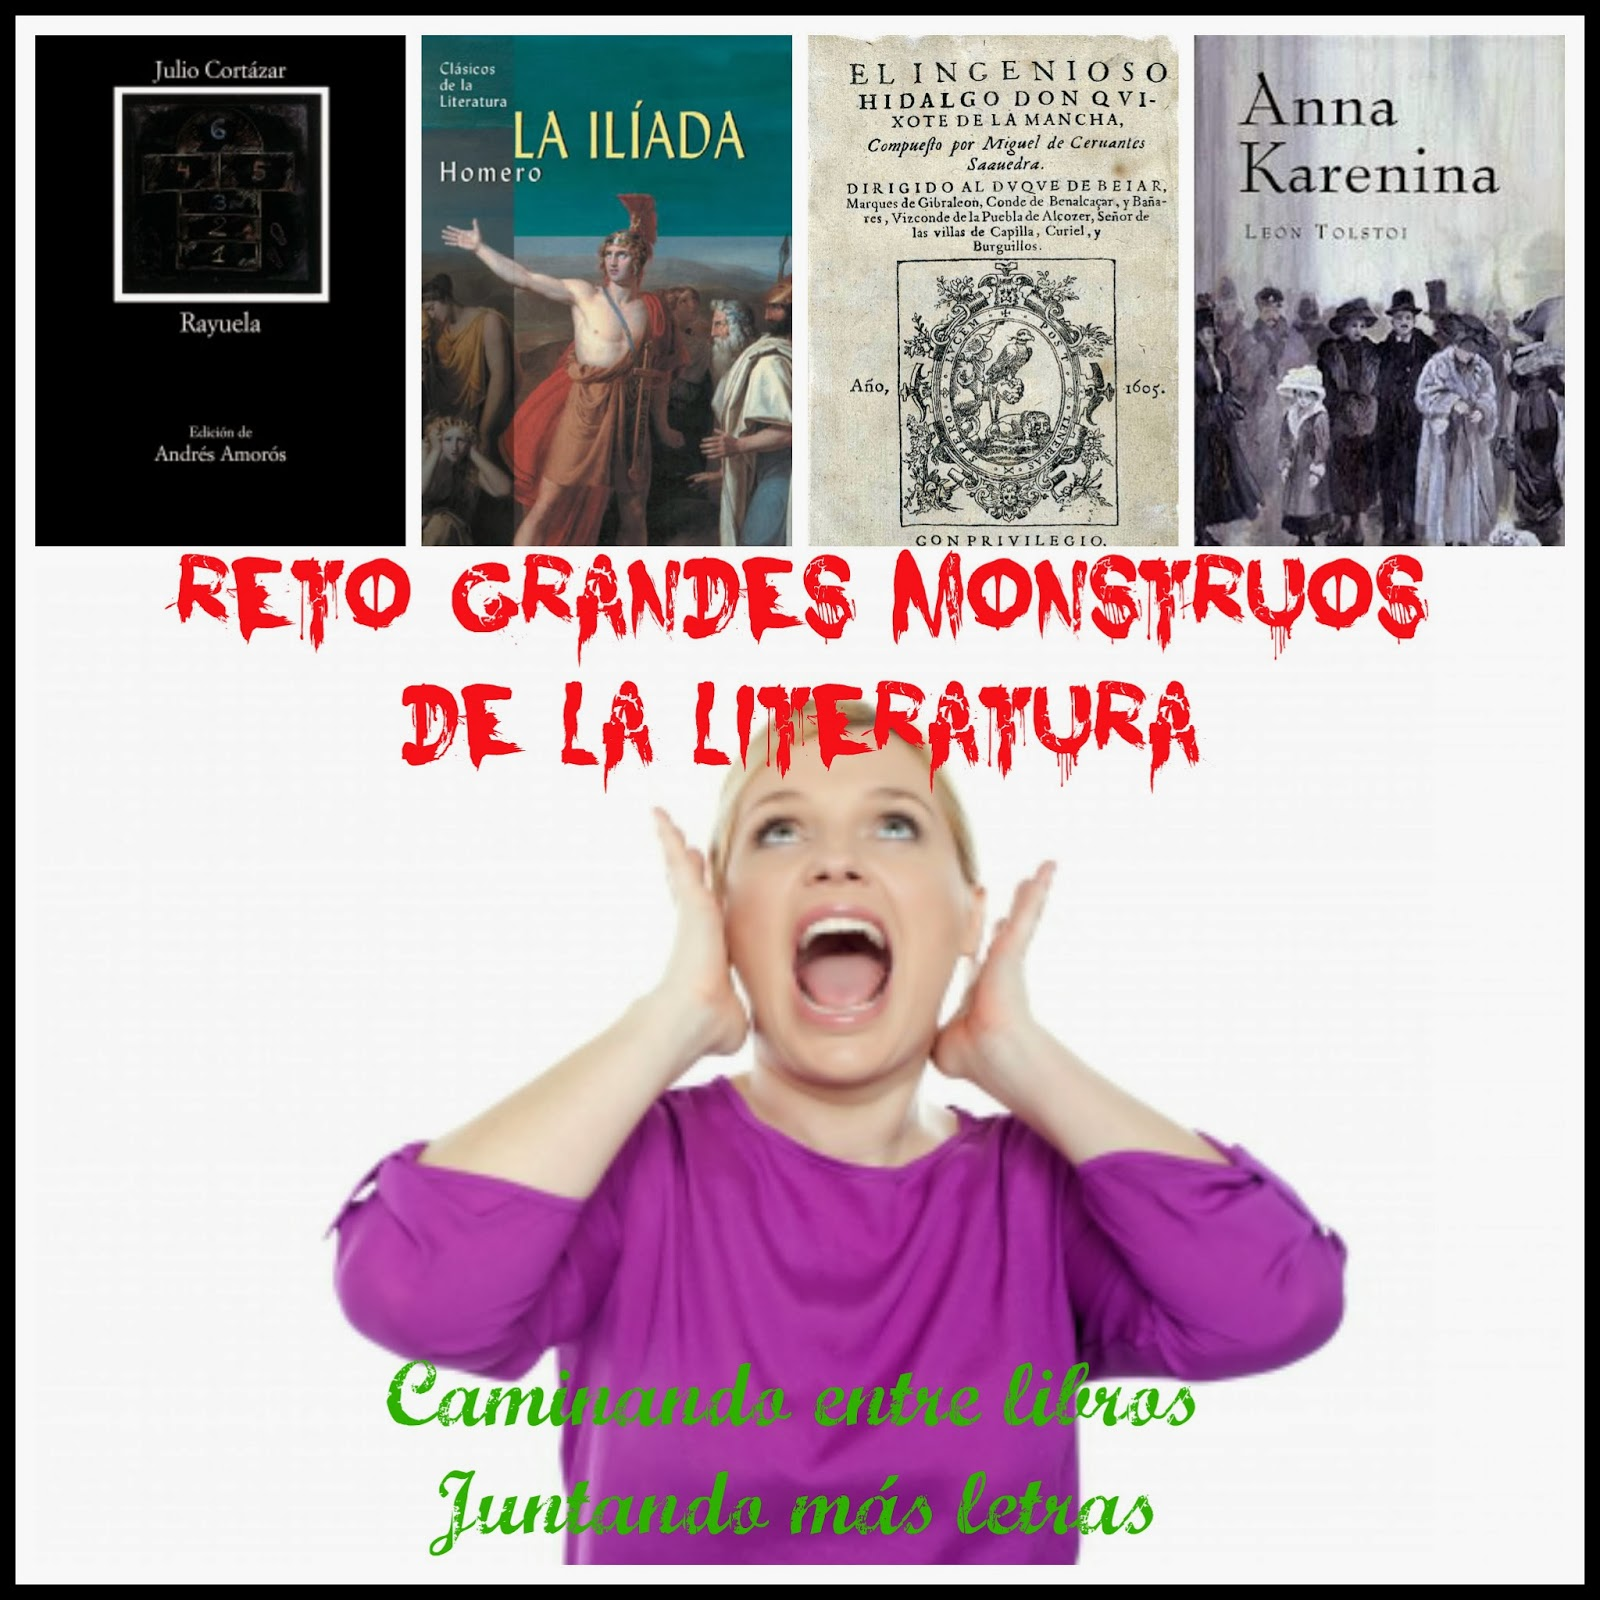 Reto grandes monstruos de la literatura